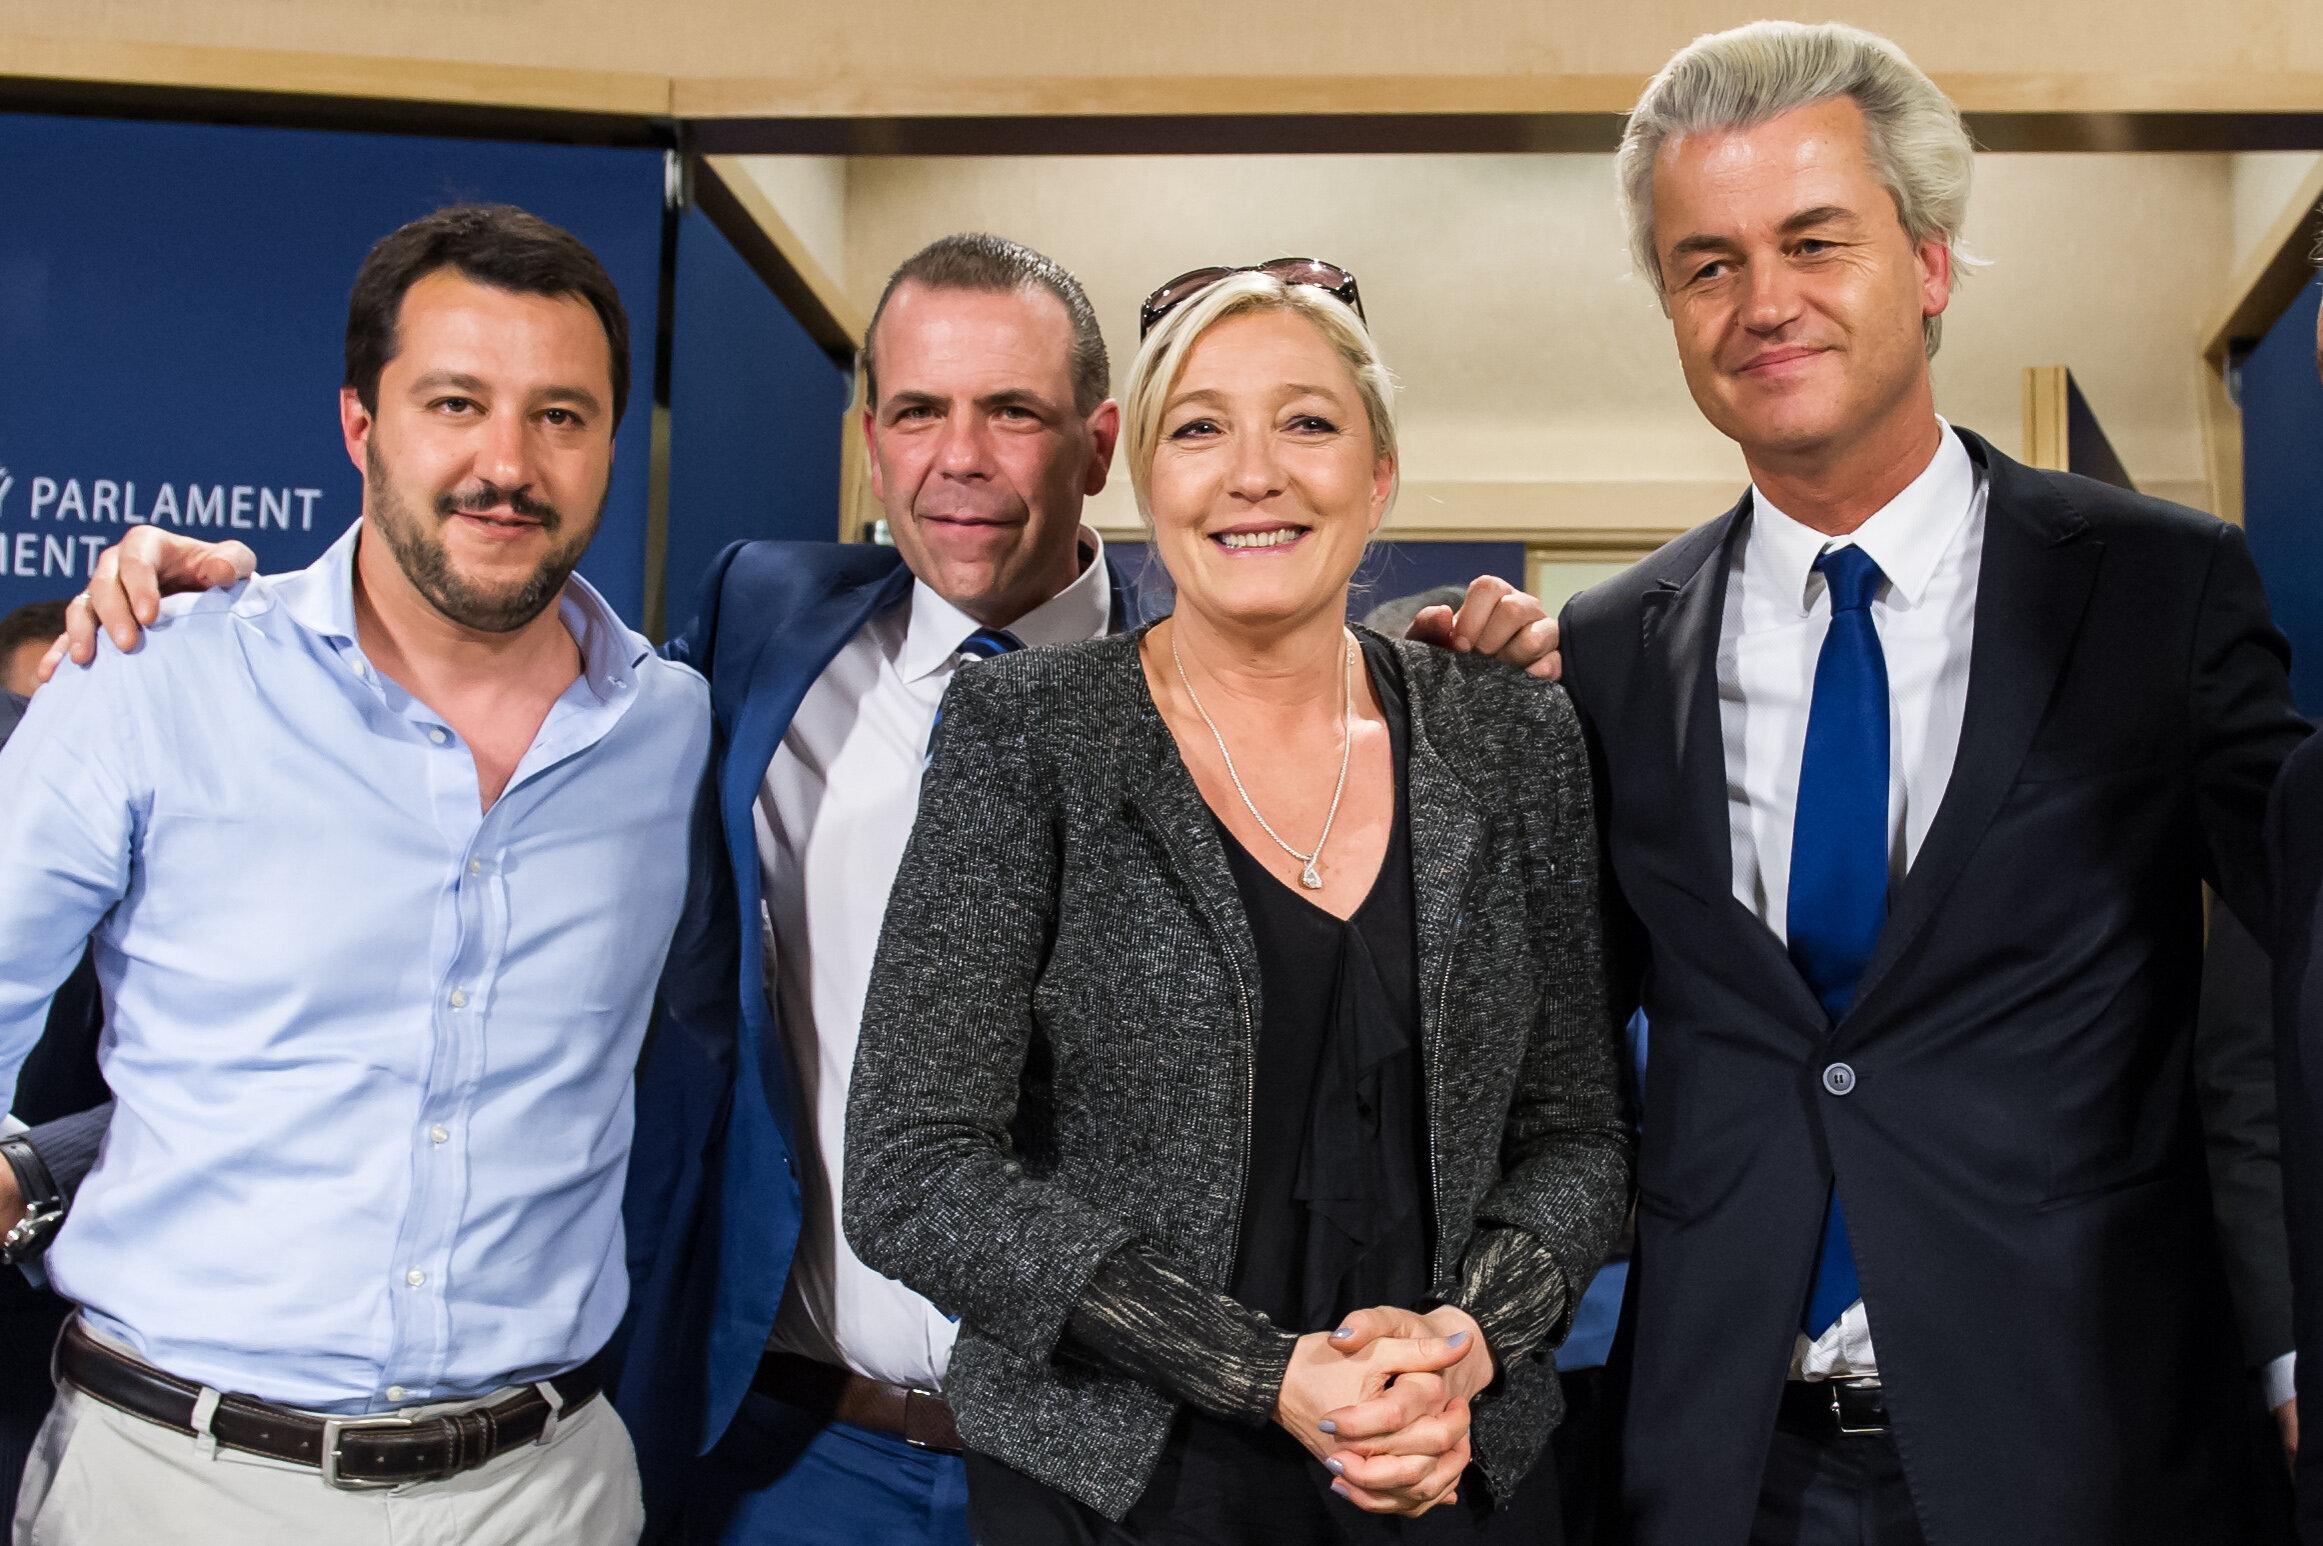 El aquelarre de Salvini: las claves del macromitin que ha convocado en Milán con la ultraderecha